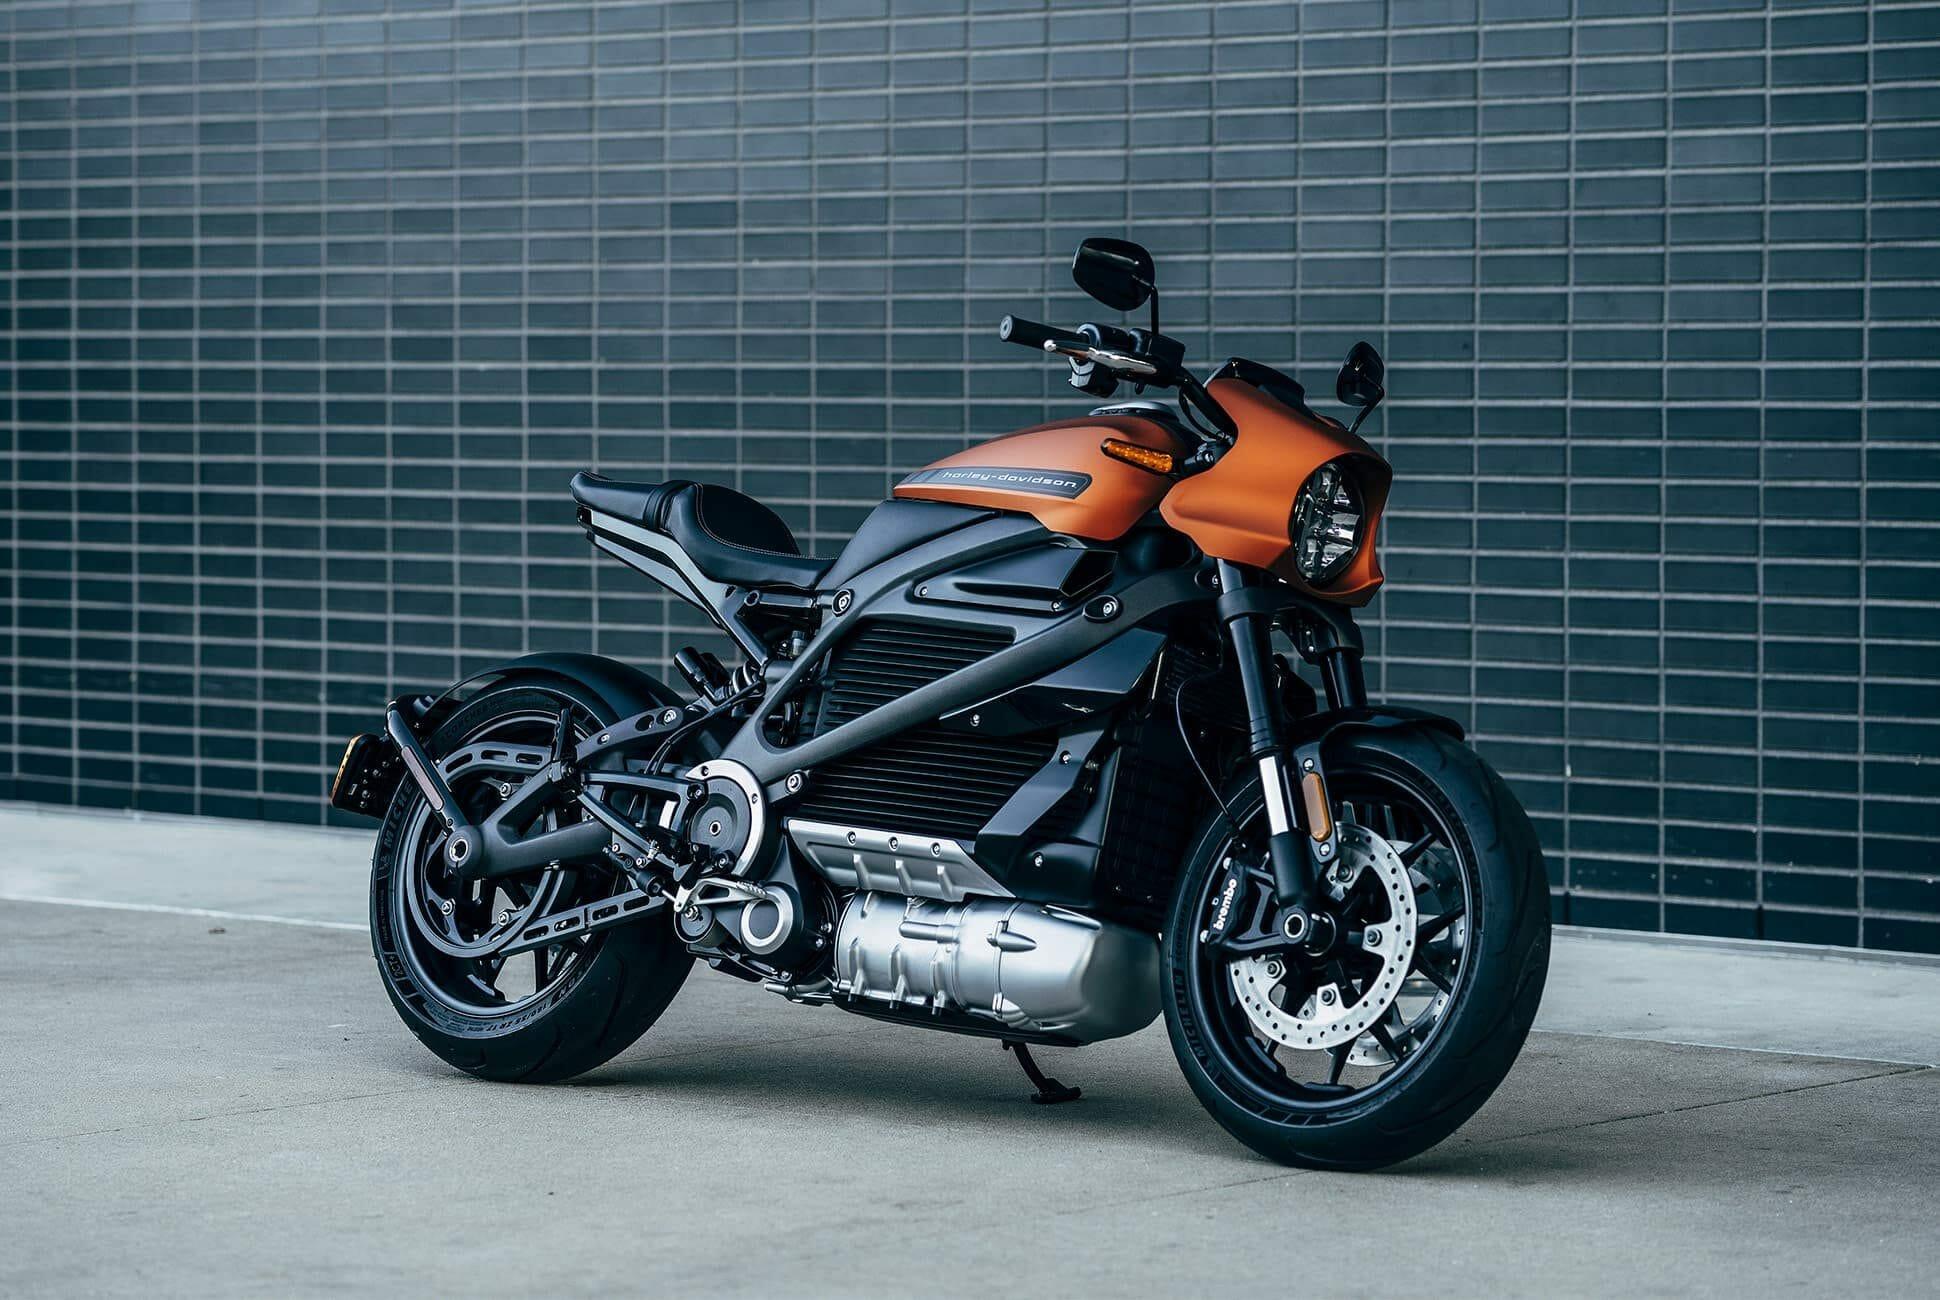 Robi się ciekawie. Legenda rynku motocykli wejdzie na rynek rowerów elektrycznych 16